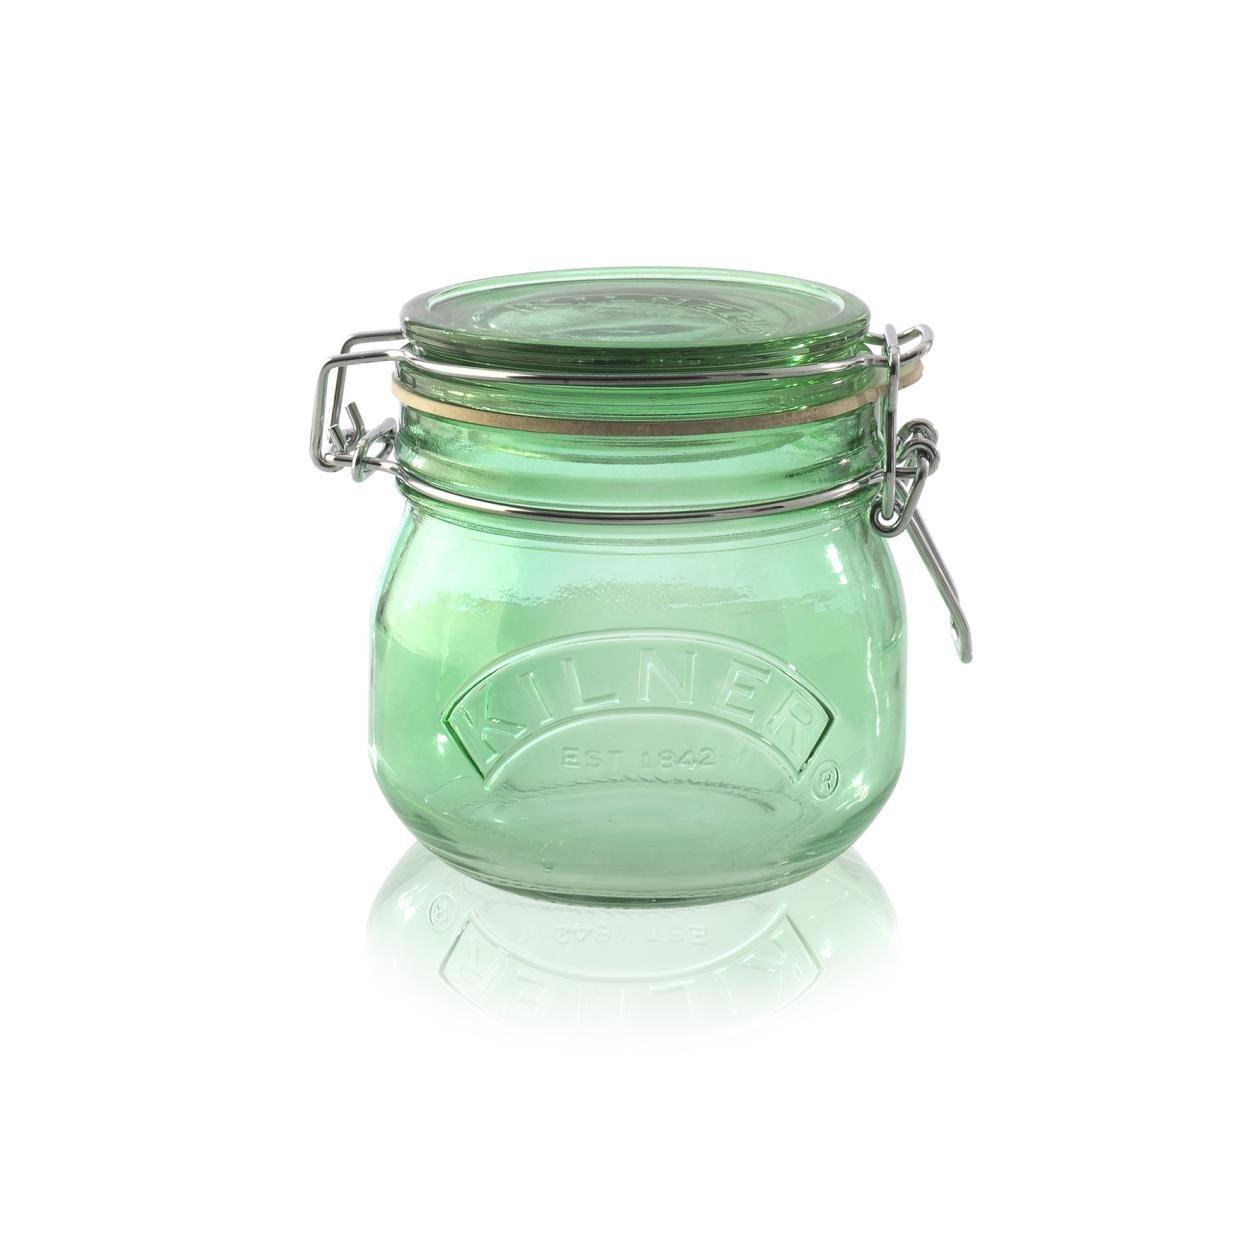 KILNER Skleněná dóza s klipem Green 500 ml, zelená barva, sklo